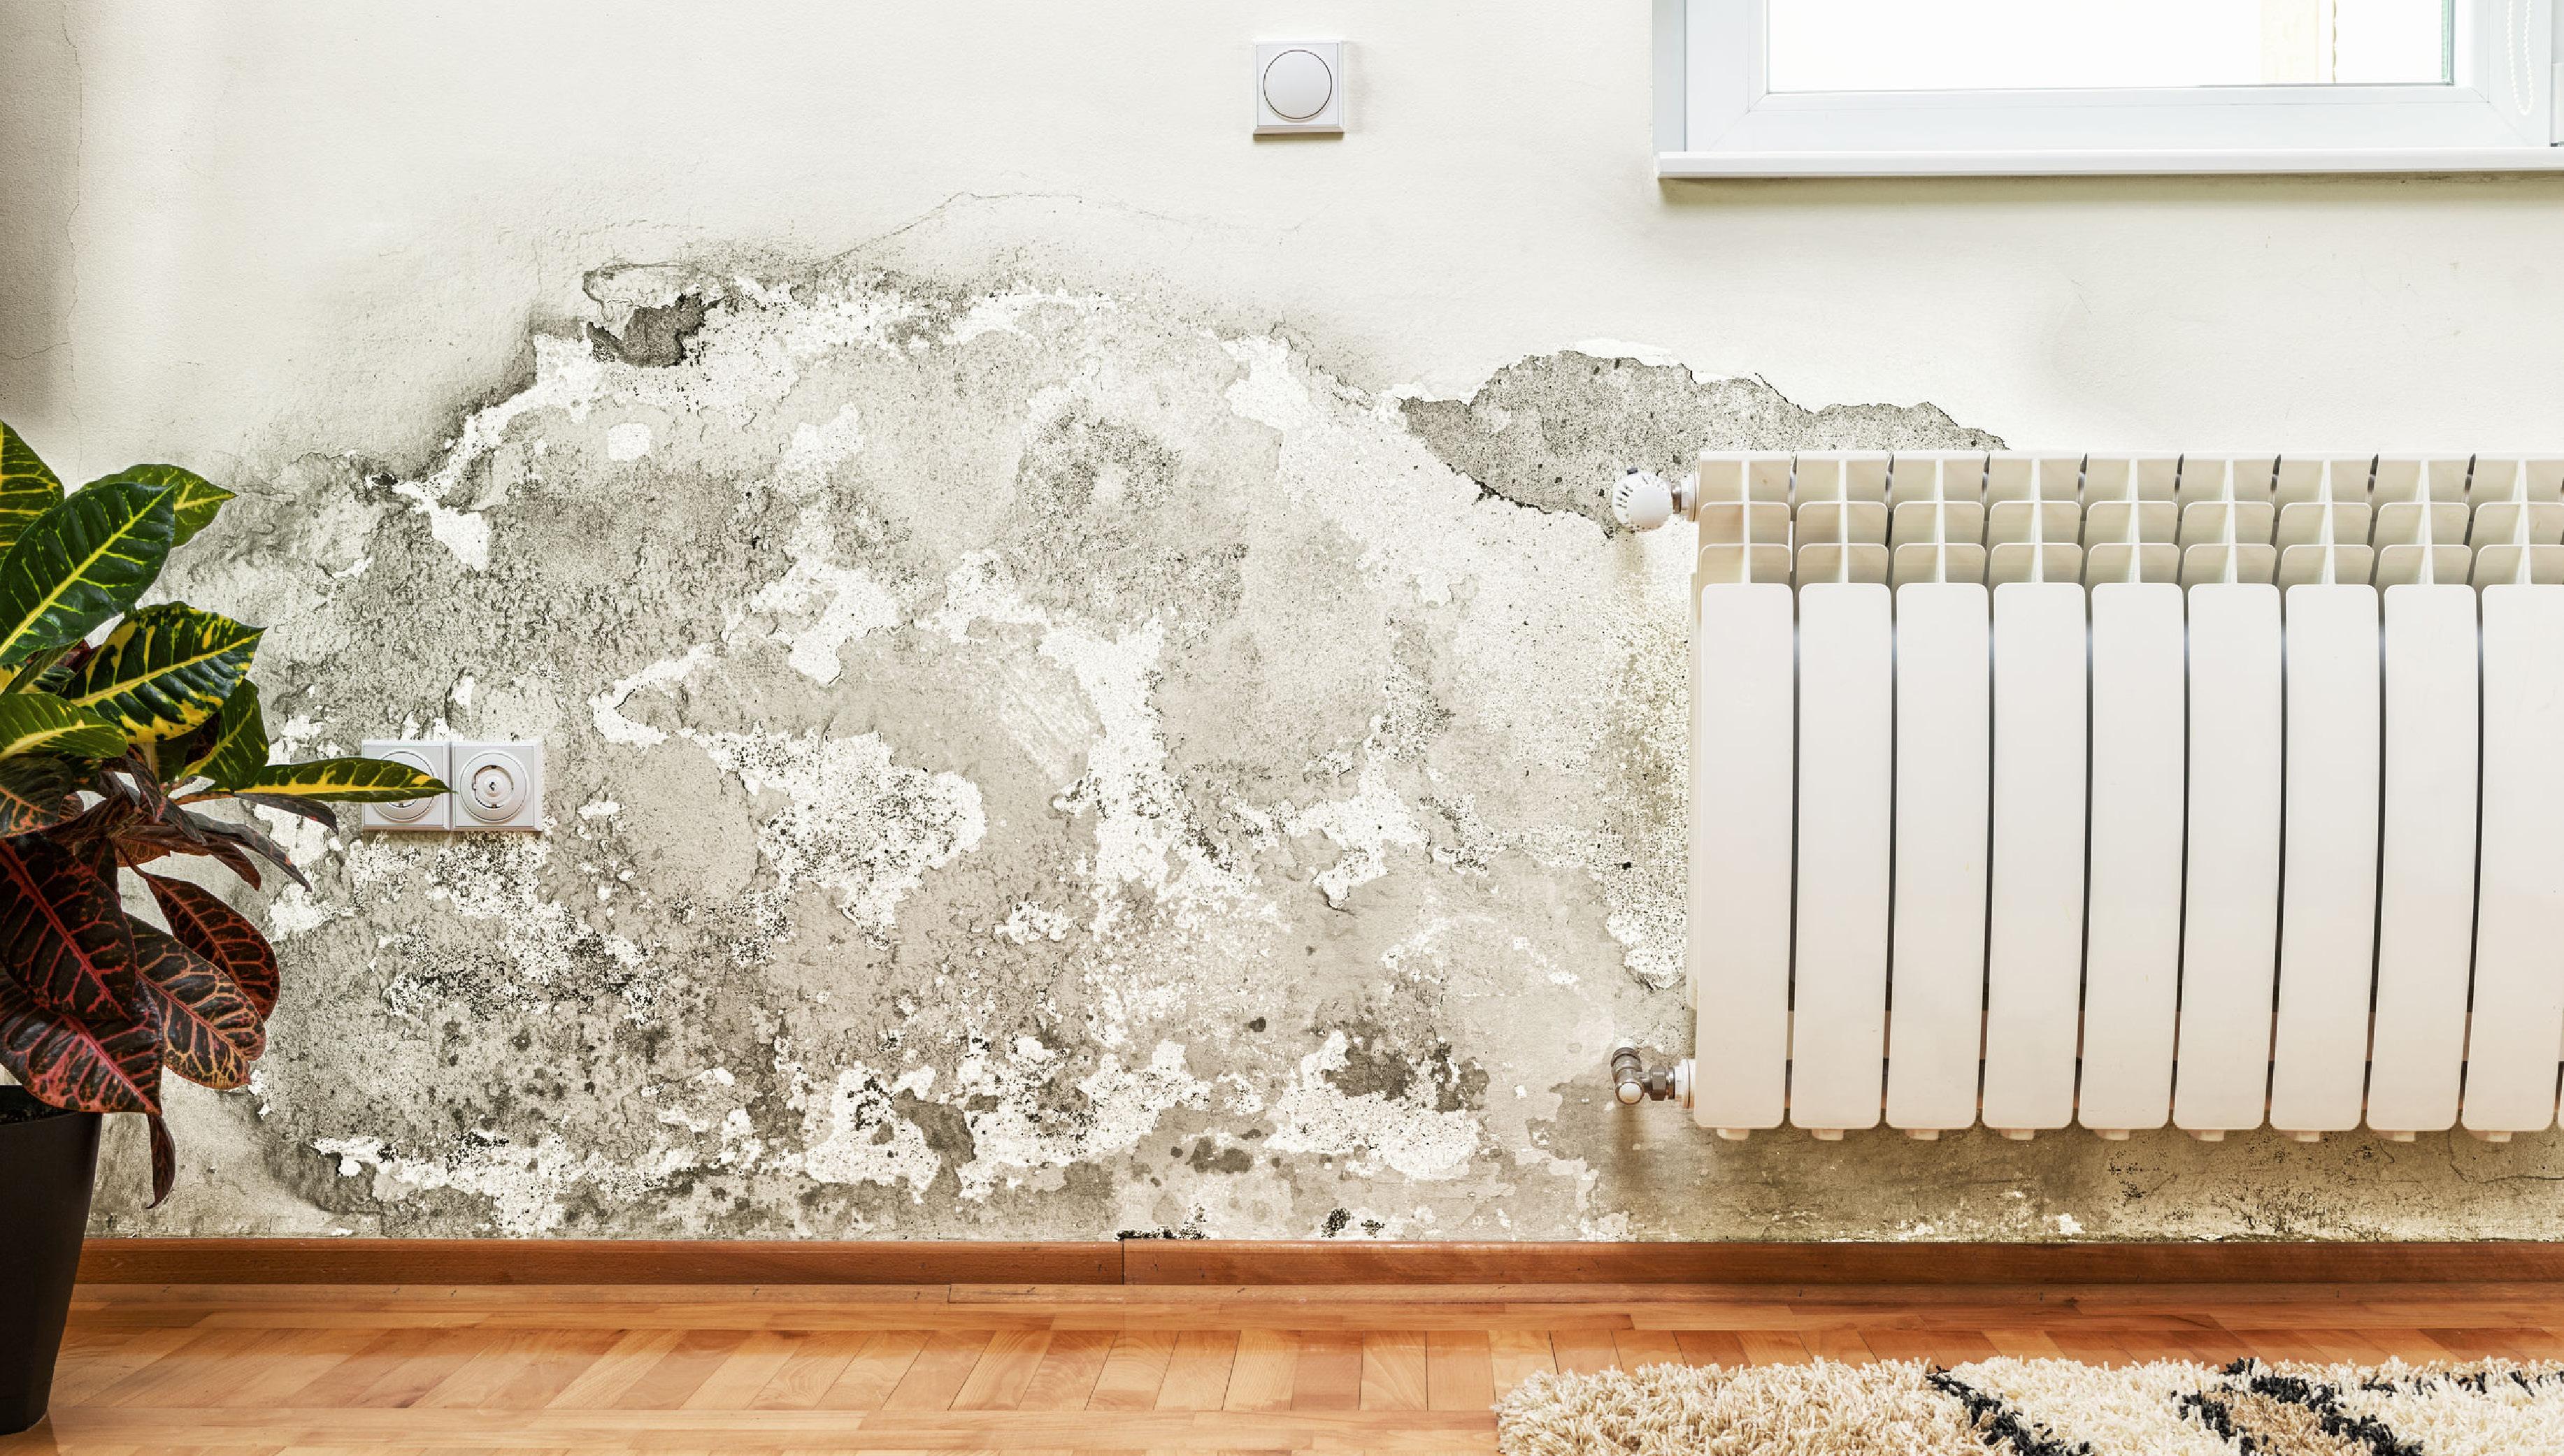 Kako odstraniti zidno plesen?